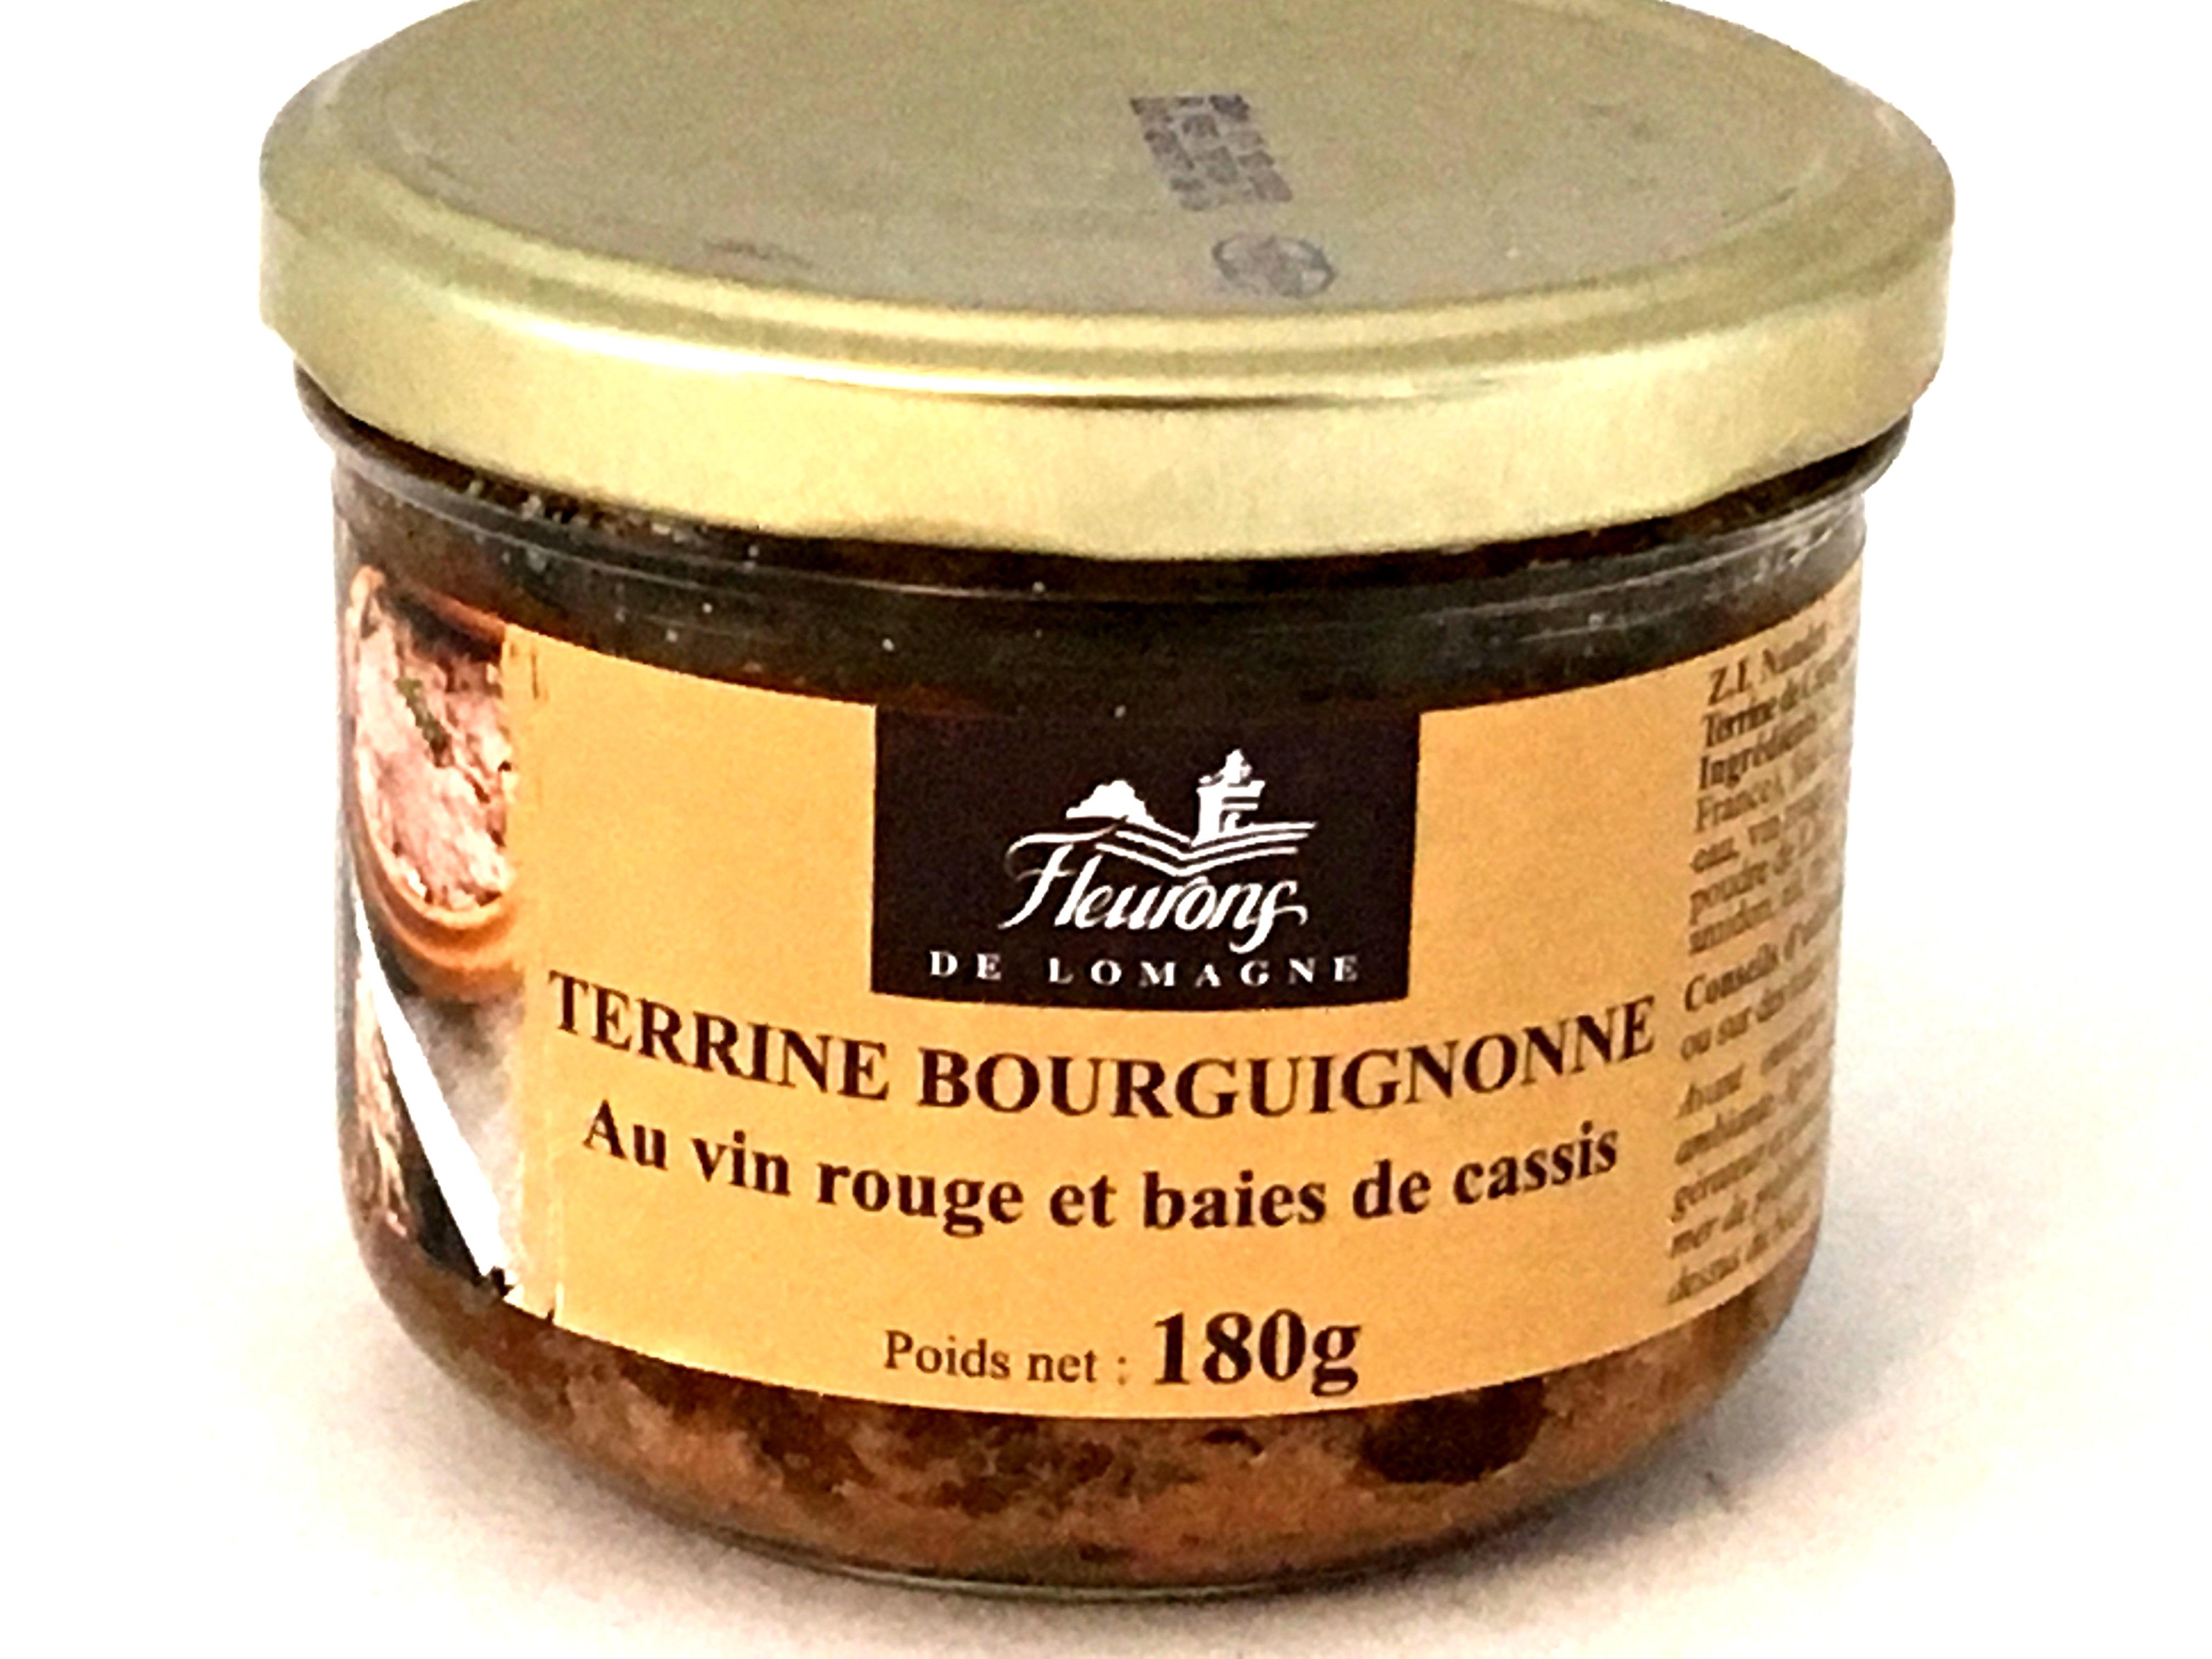 Terrine Bourguignonne au vin rouge et baies de cassis 180g (bocal)